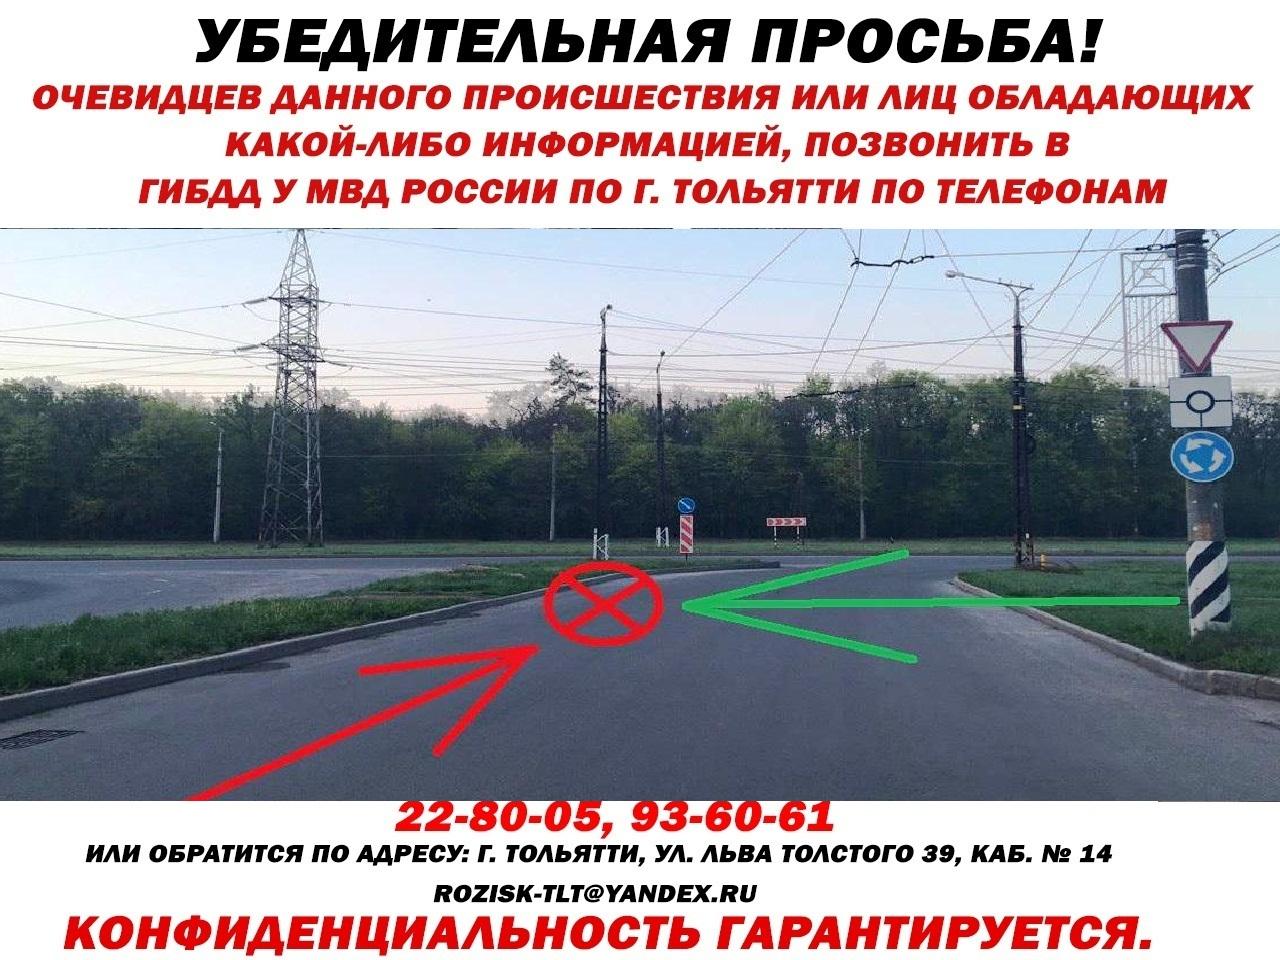 В Тольятти водитель сбил ребенка и скрылся. Ведется розыск